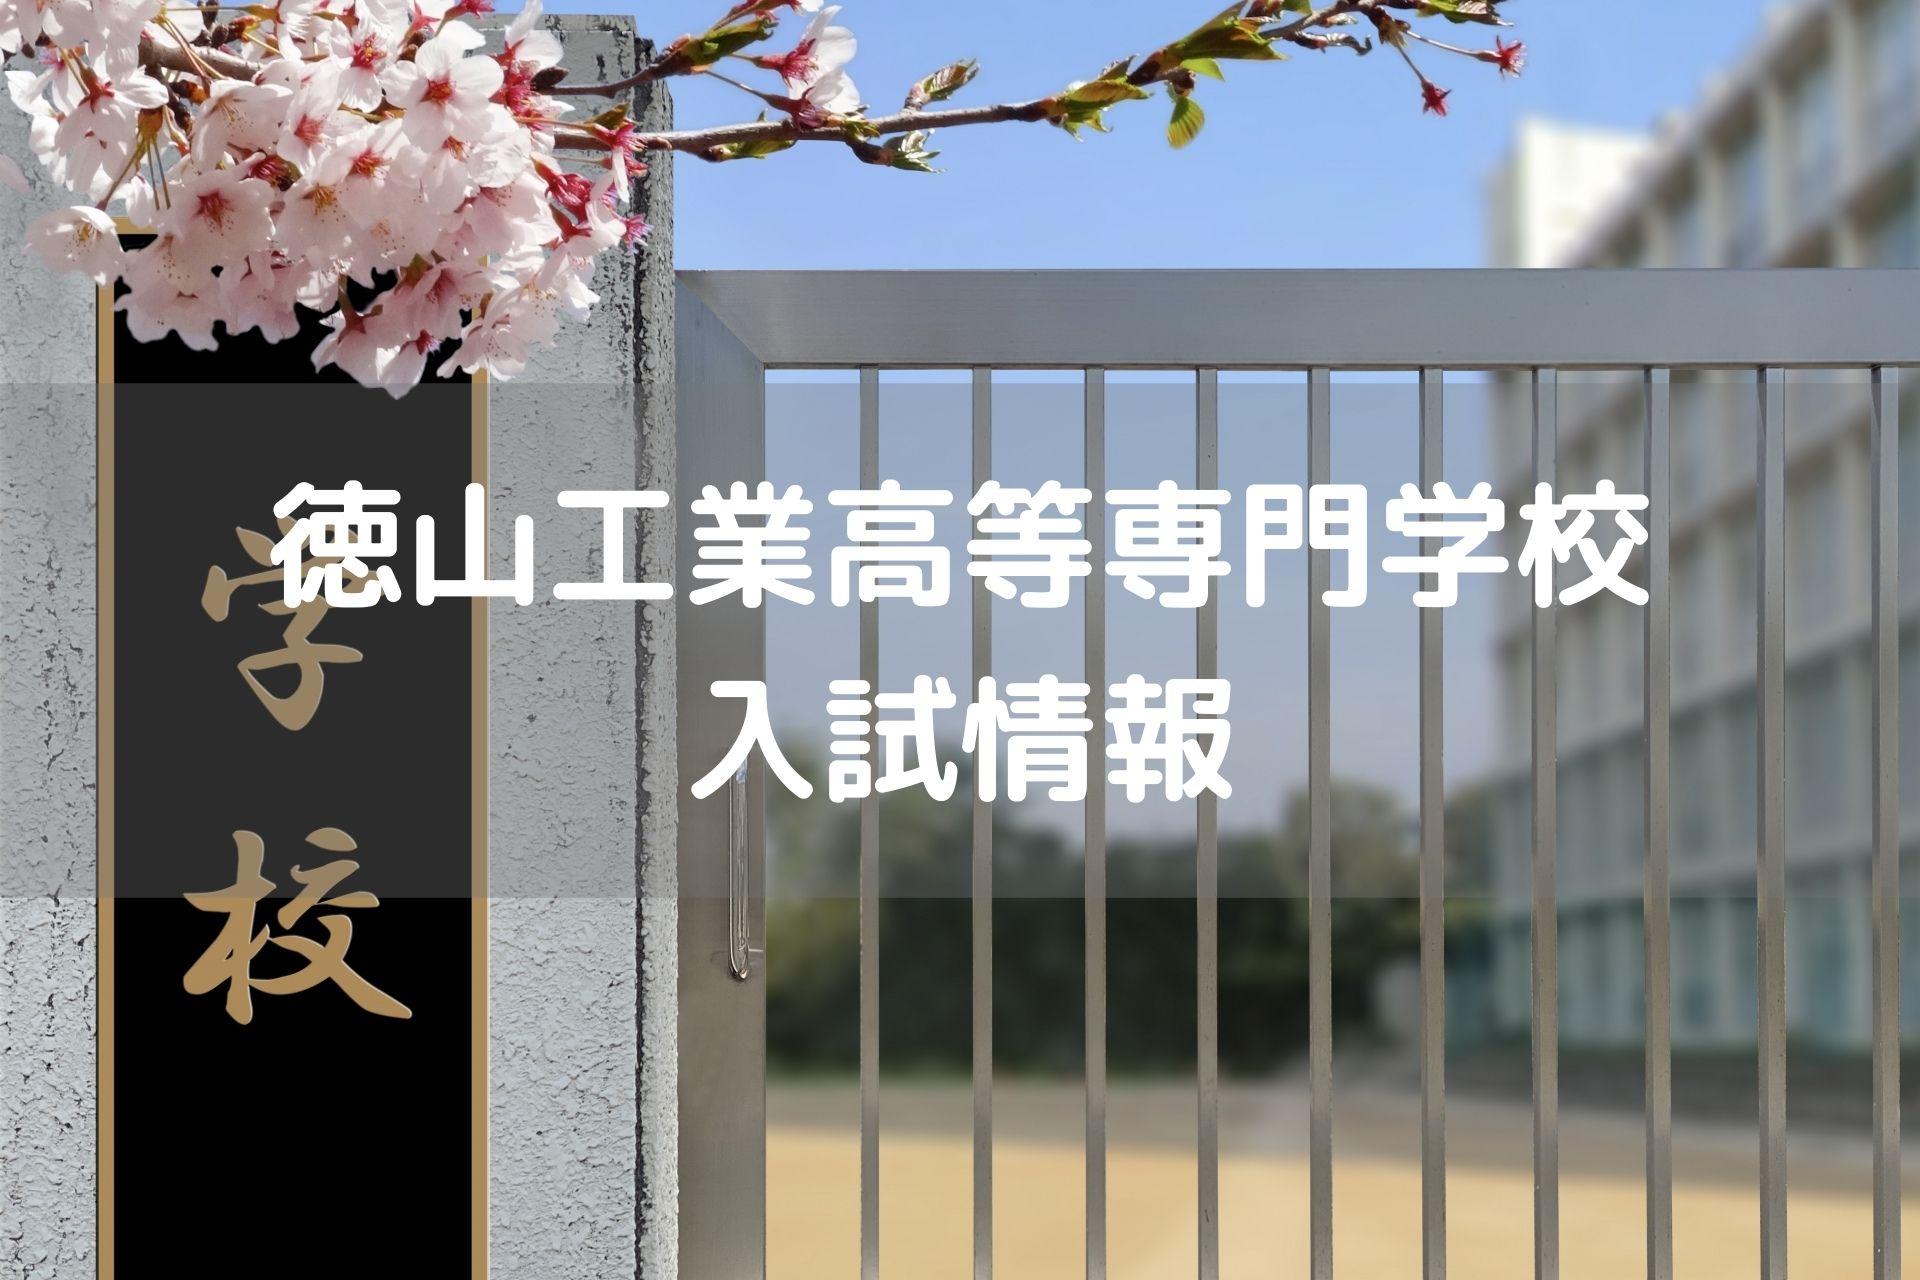 徳山高専の入試情報